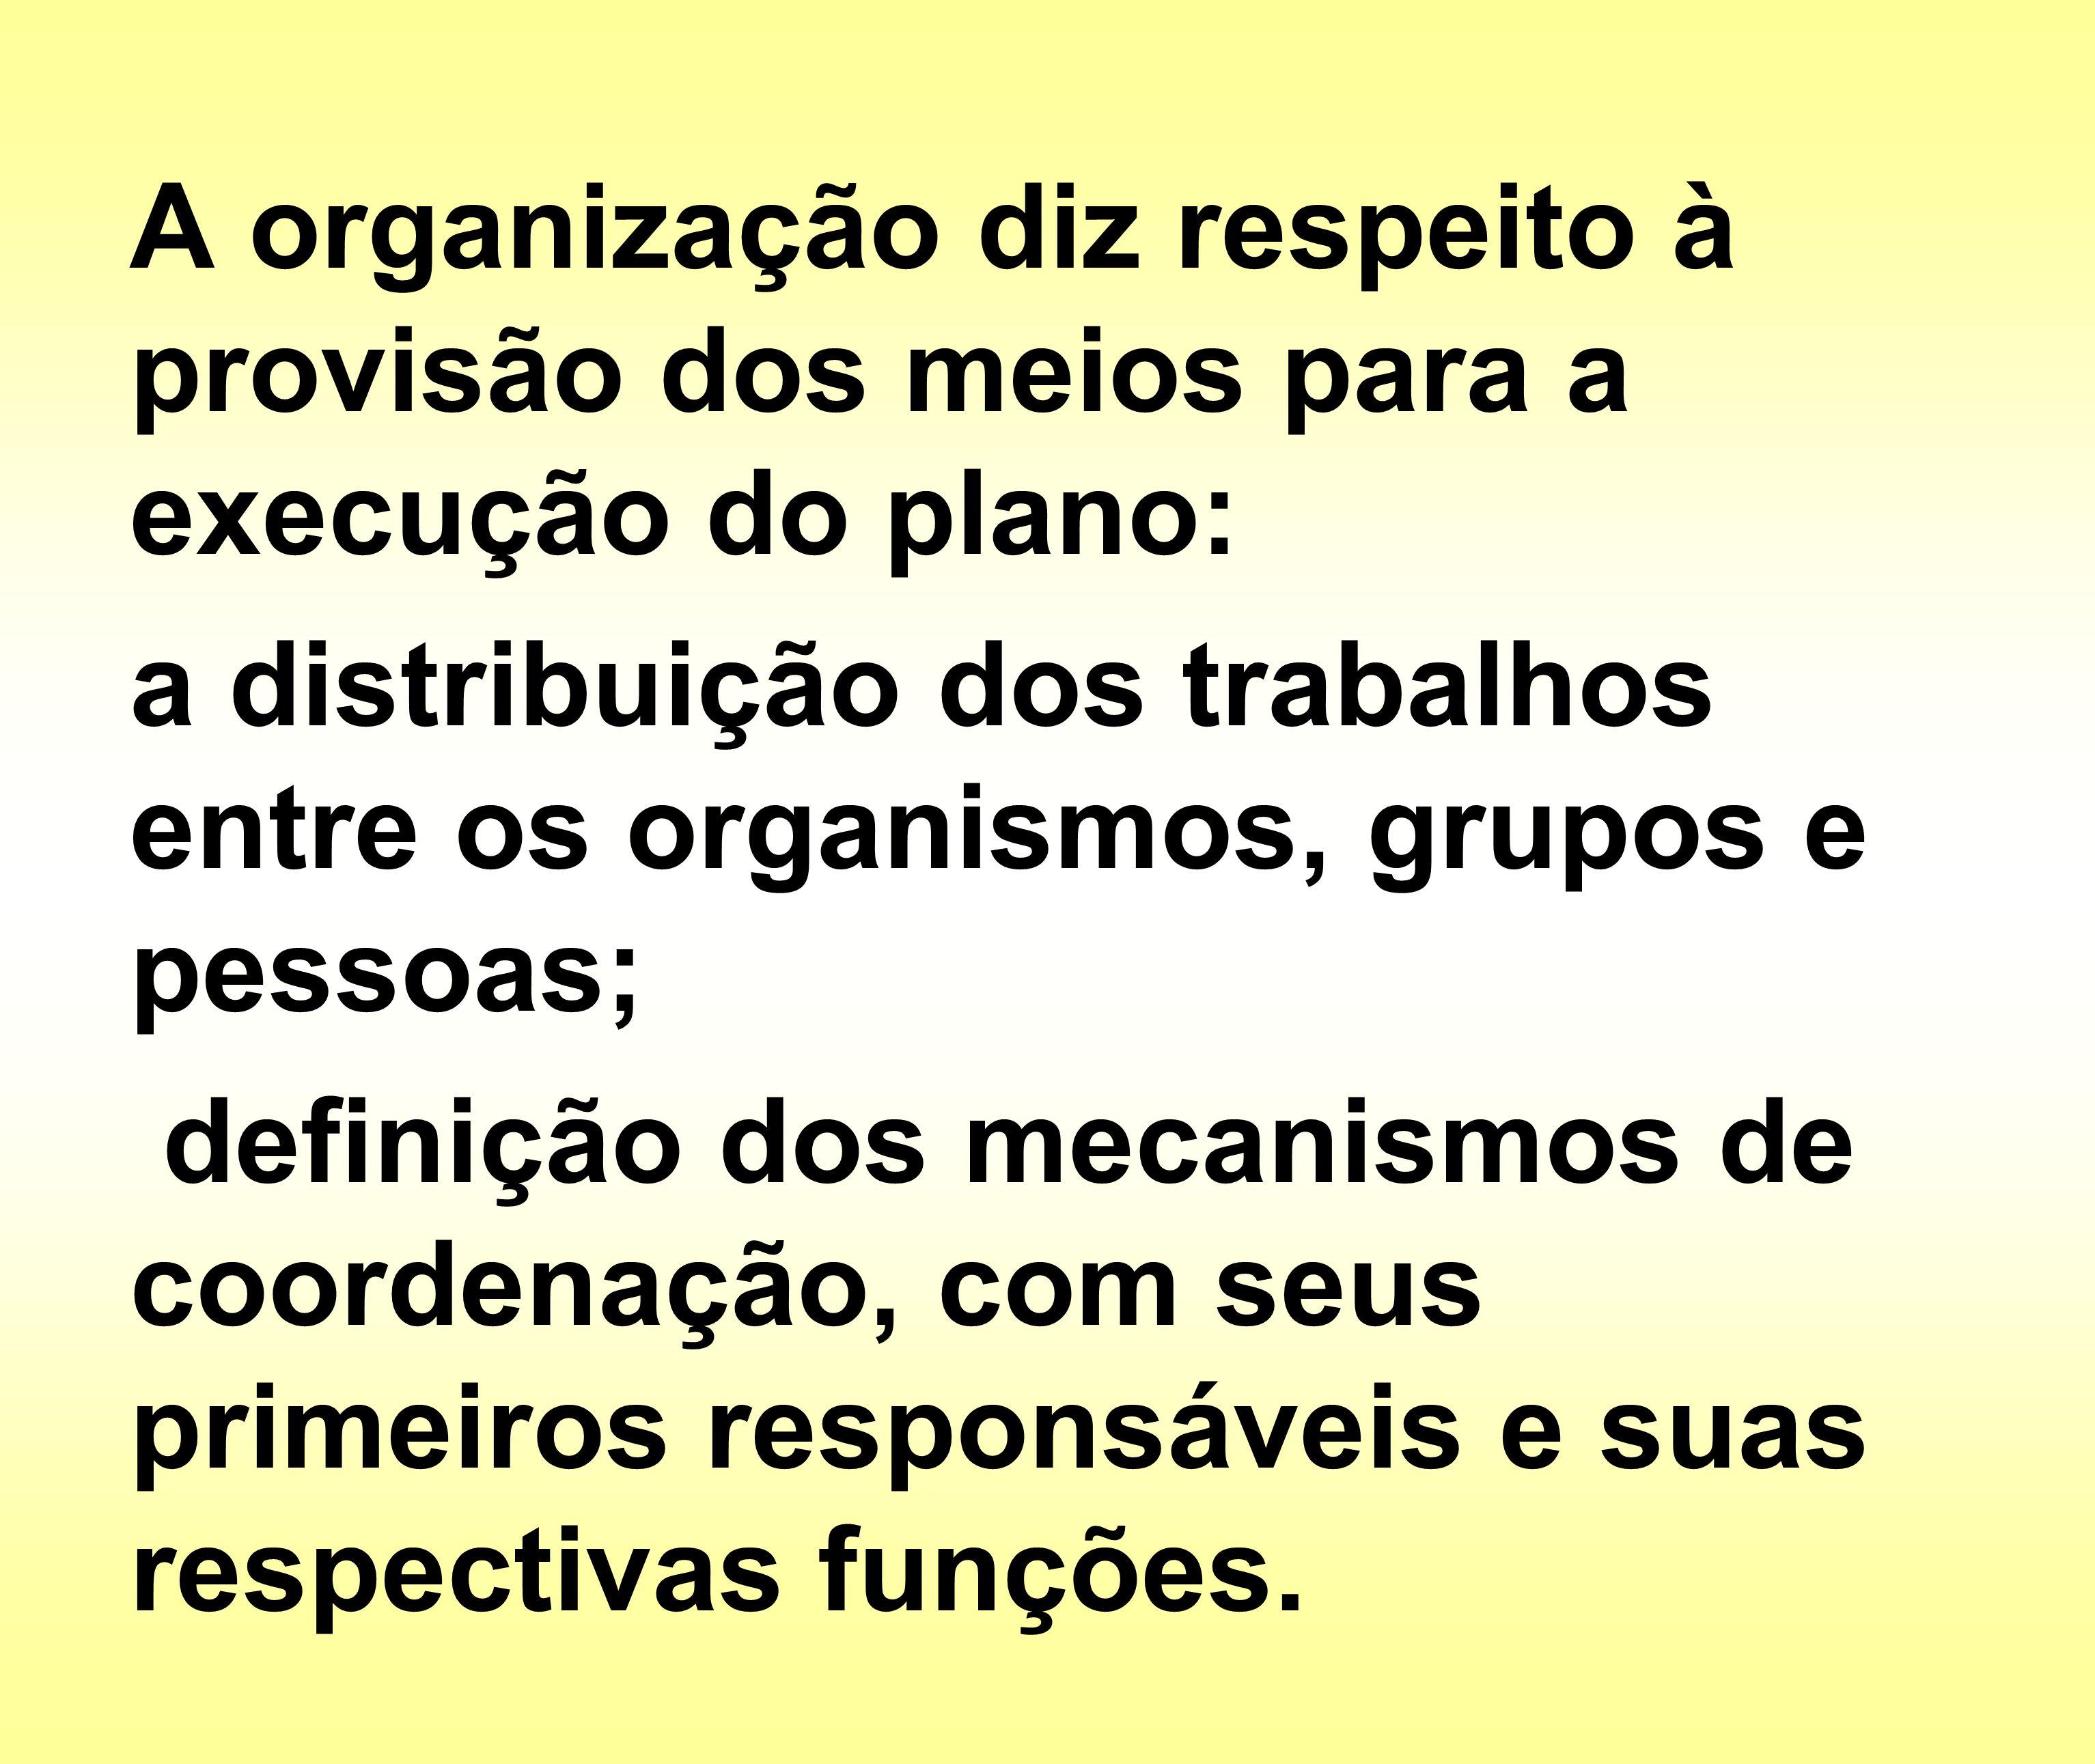 A organização diz respeito à provisão dos meios para a execução do plano: a distribuição dos trabalhos entre os organismos, grupos e pessoas; definiçã